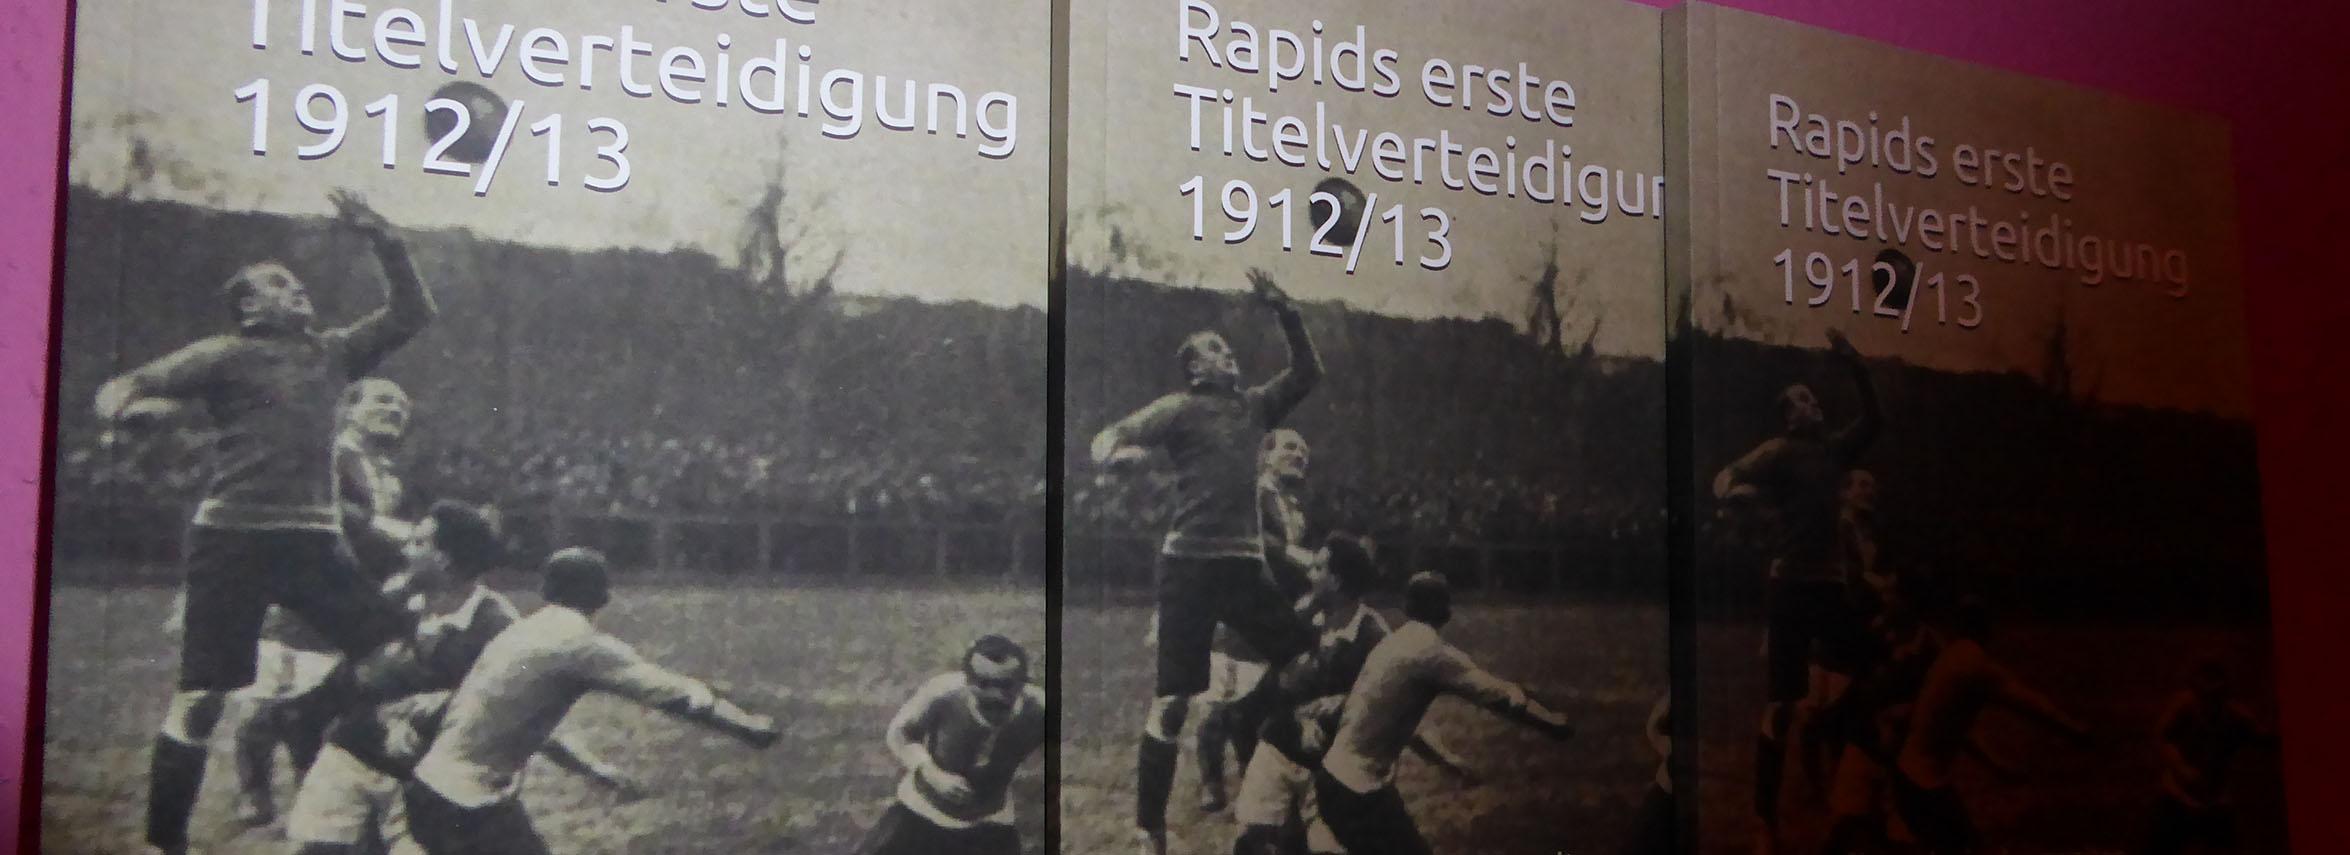 Rapids erste Titelverteidigung